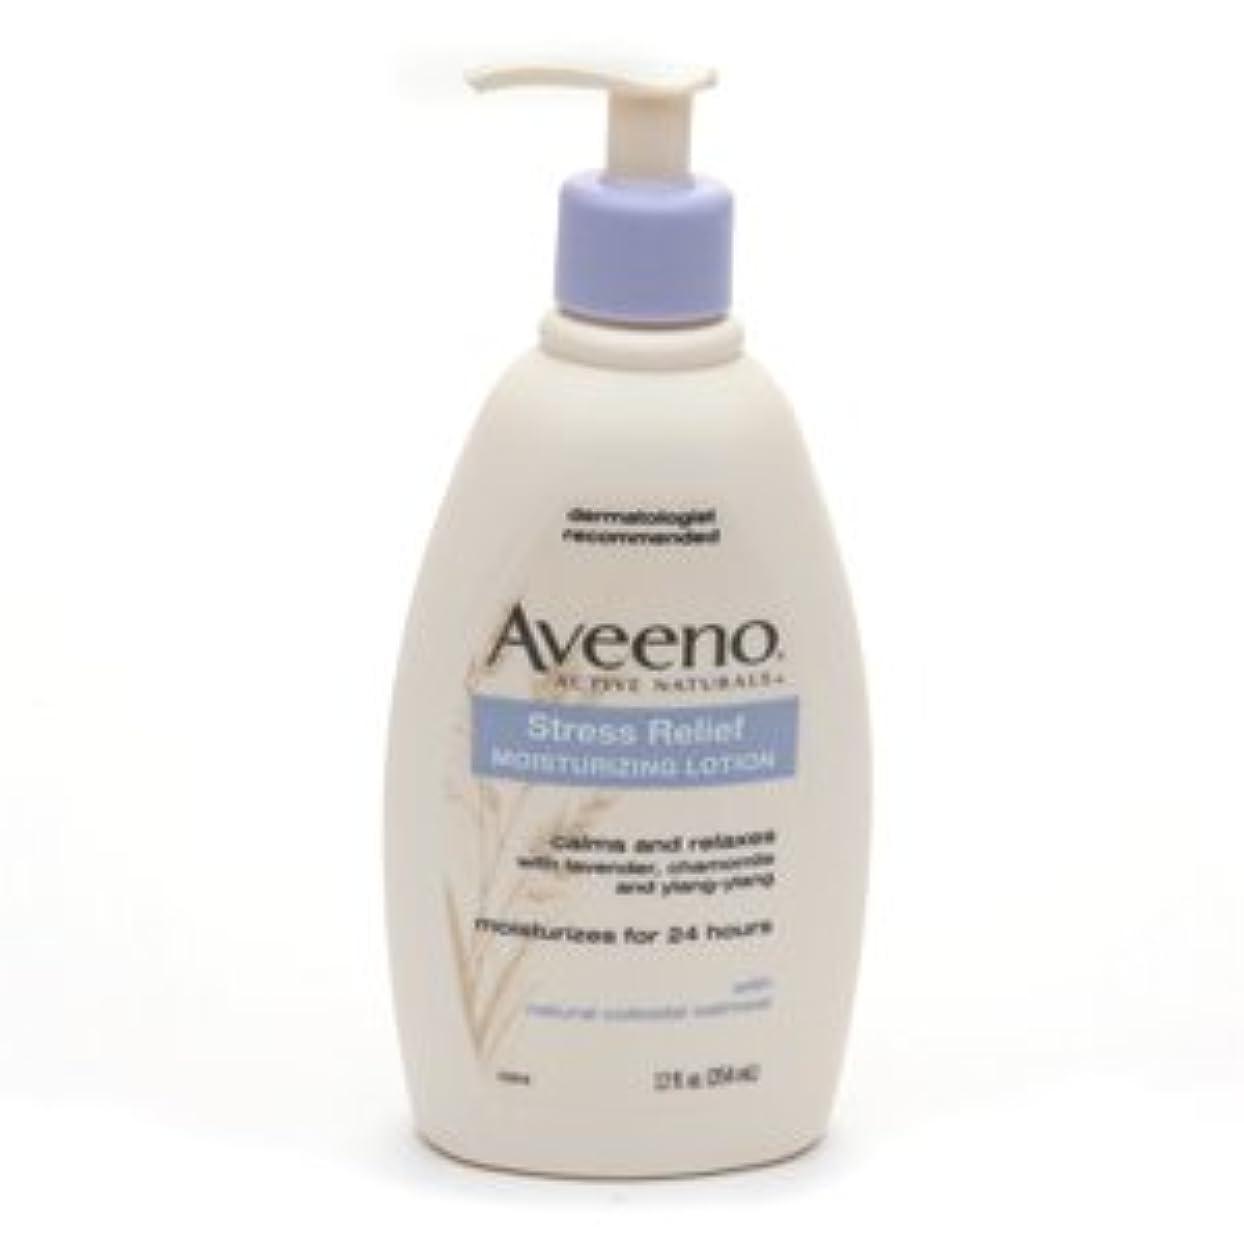 Aveeno - Stress Relief Moisturizing Lotion - 12 fl oz (354 ml)